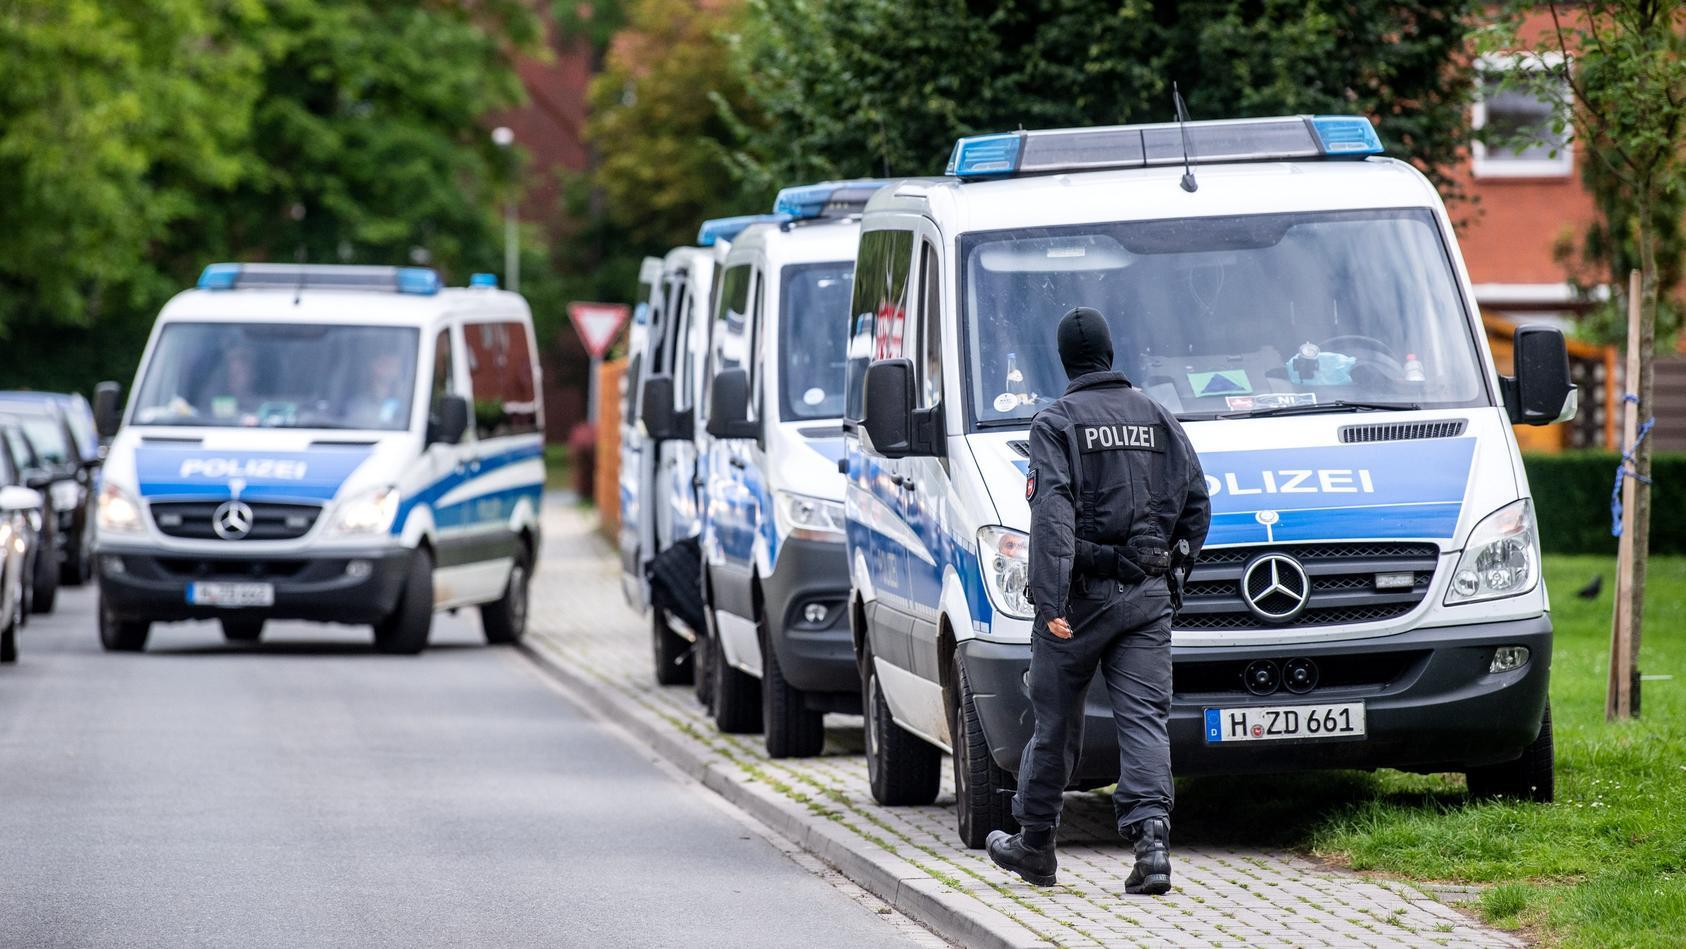 Bei der Razzia in Wilhelmshaven wurden mehr als 30 Objekte durchsucht.